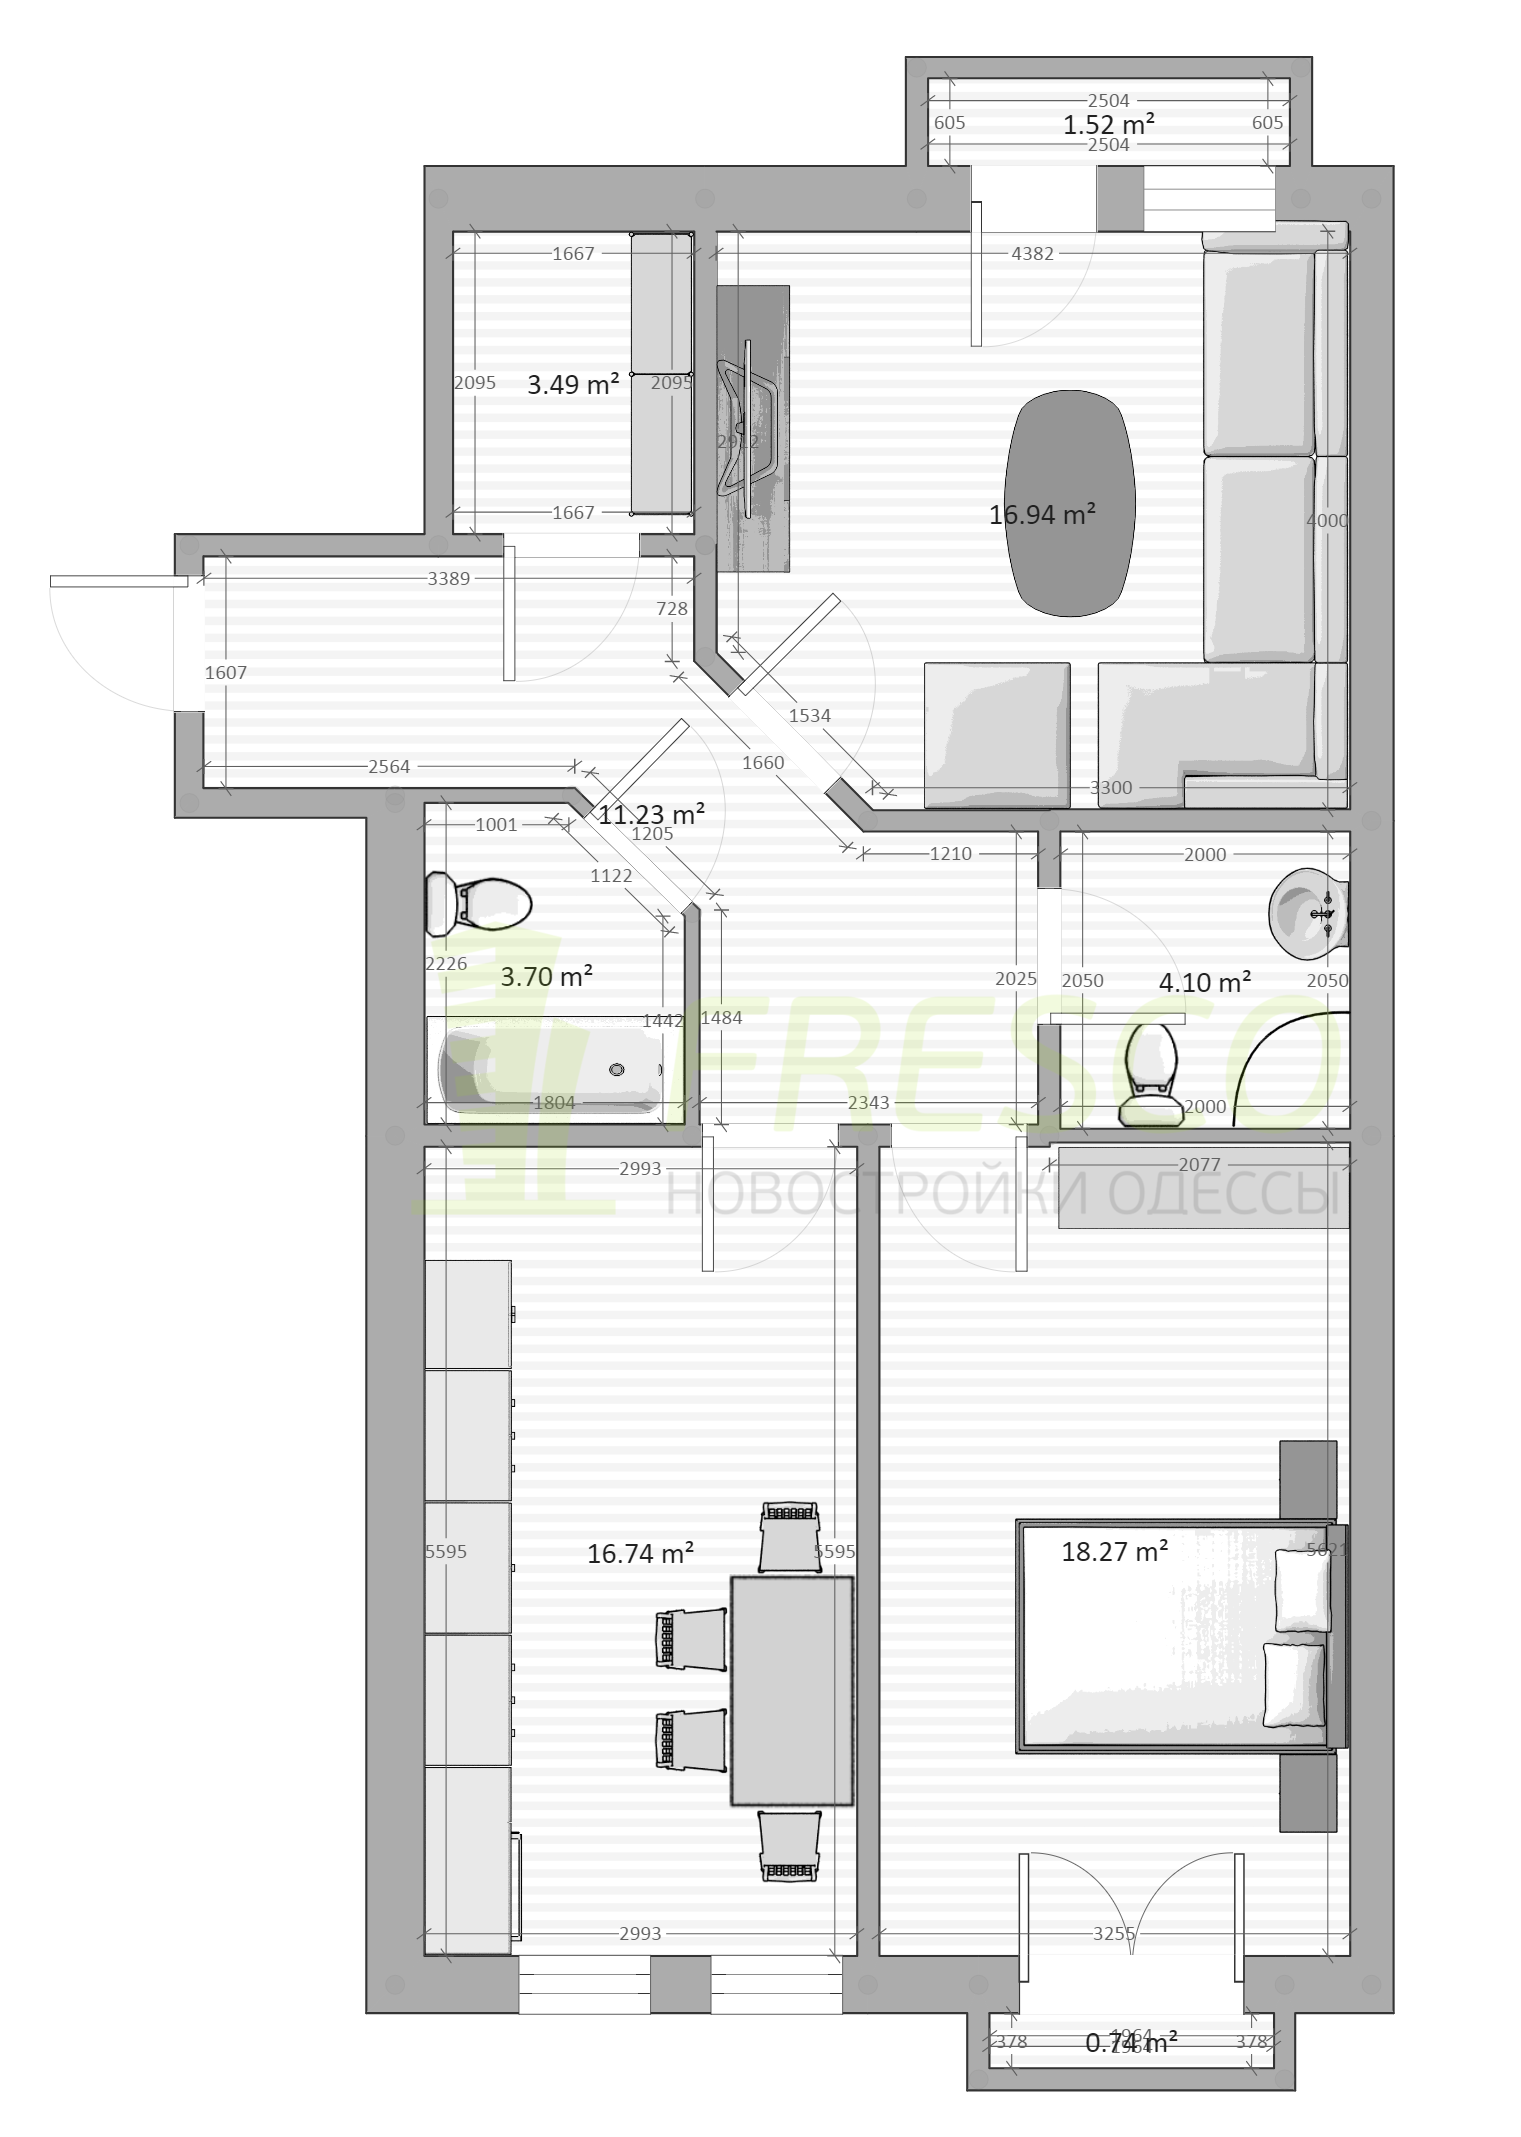 Двухкомнатная - ЖК Chelsea club house (Клубный дом Челси)$114856Площадь:78,4m²